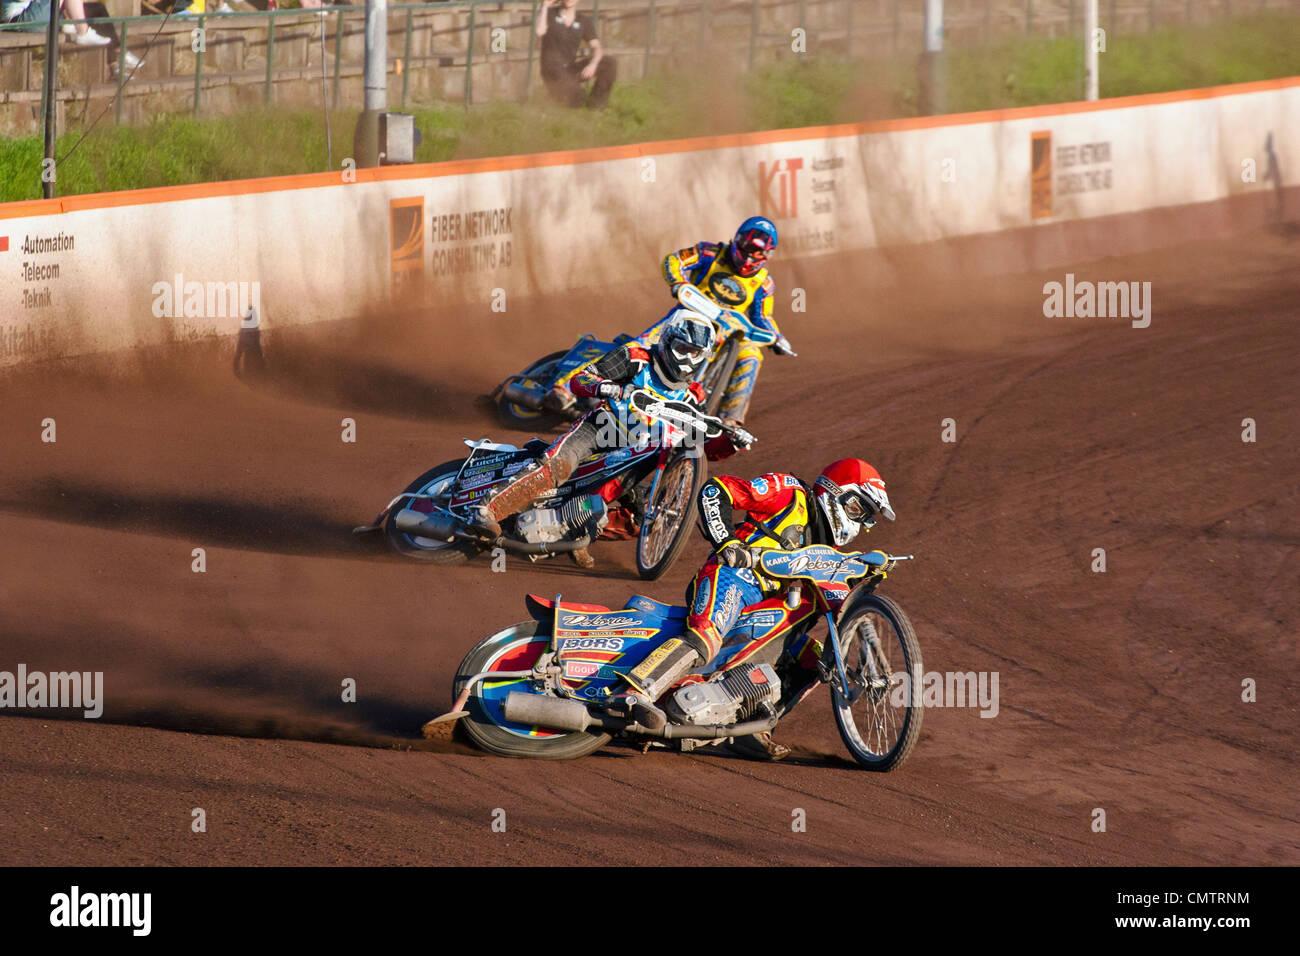 Les coureurs de moto en courbe sur la voie Photo Stock